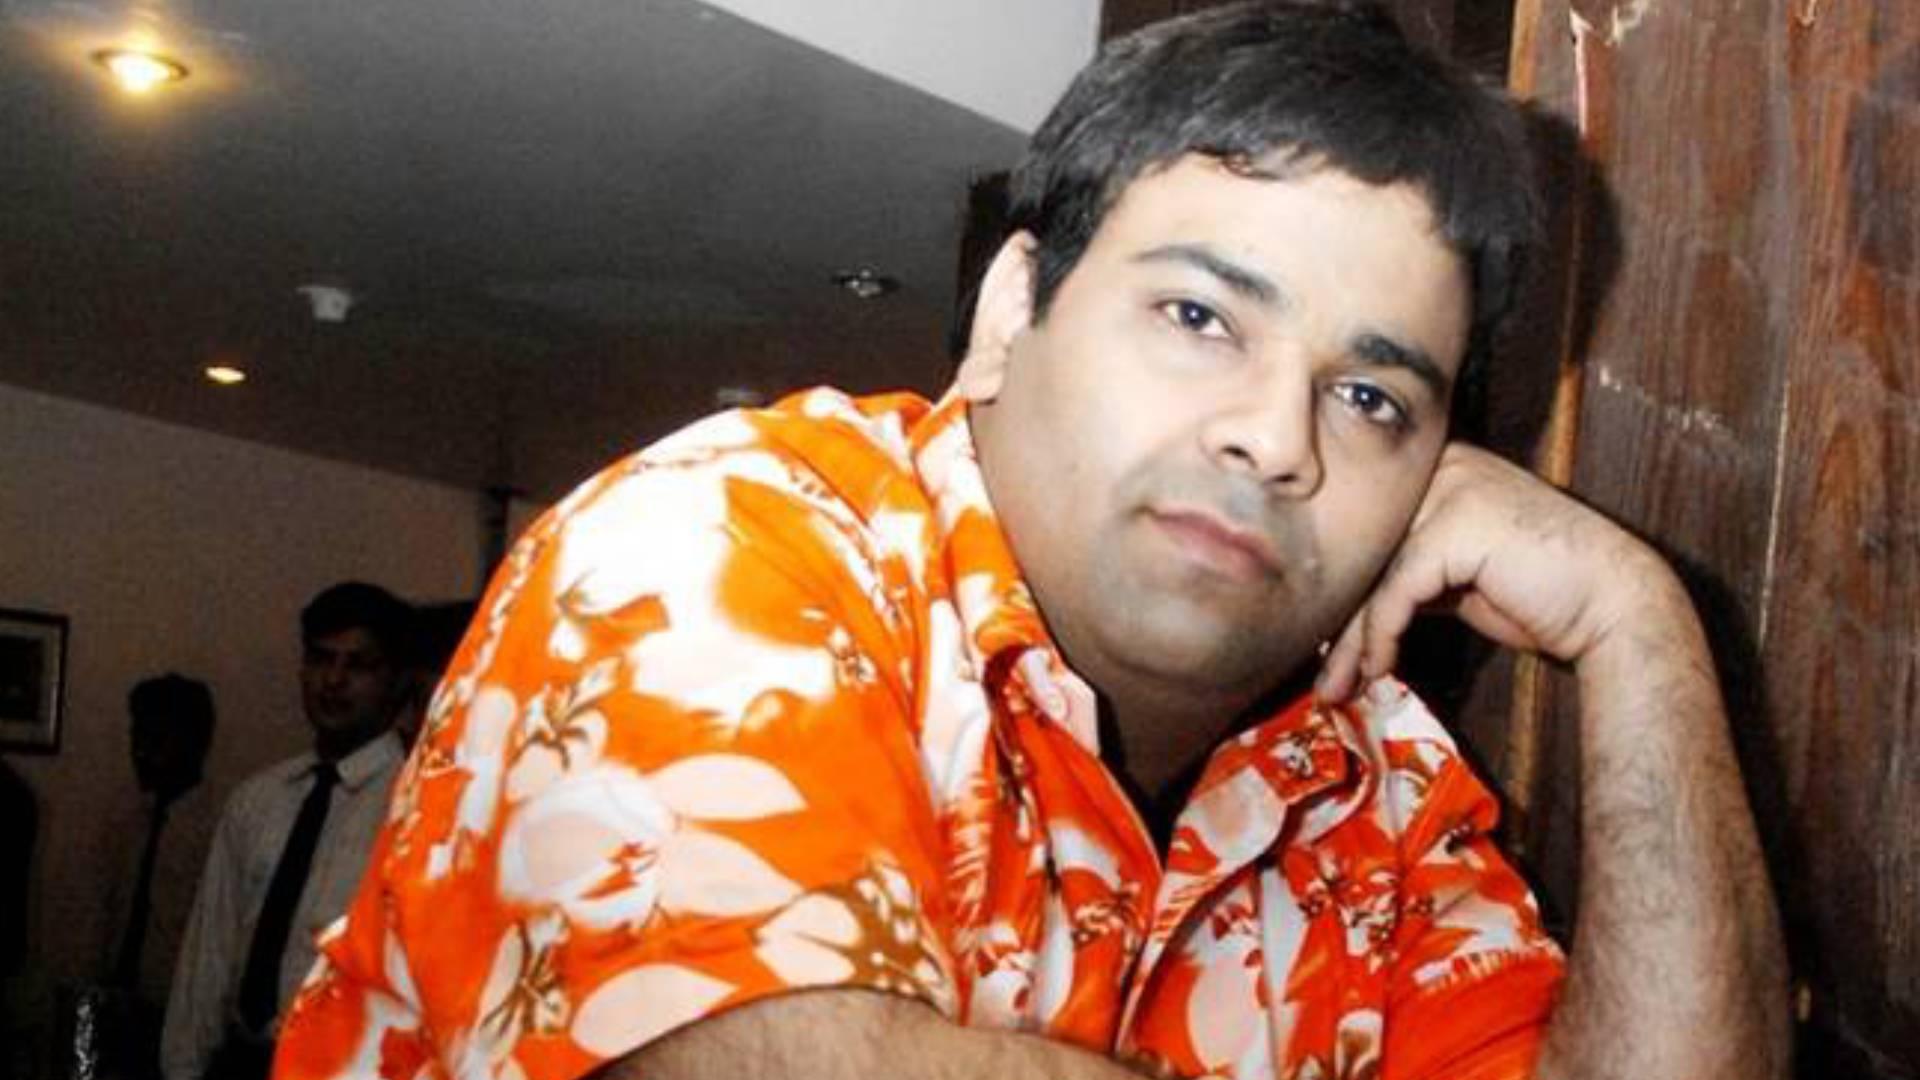 कॉमेडियन कीकू शारदा और उनके पिता के खिलाफ दर्ज हुई FIR, लगा 50 लाख रुपये की धोखाधड़ी करने का आरोप